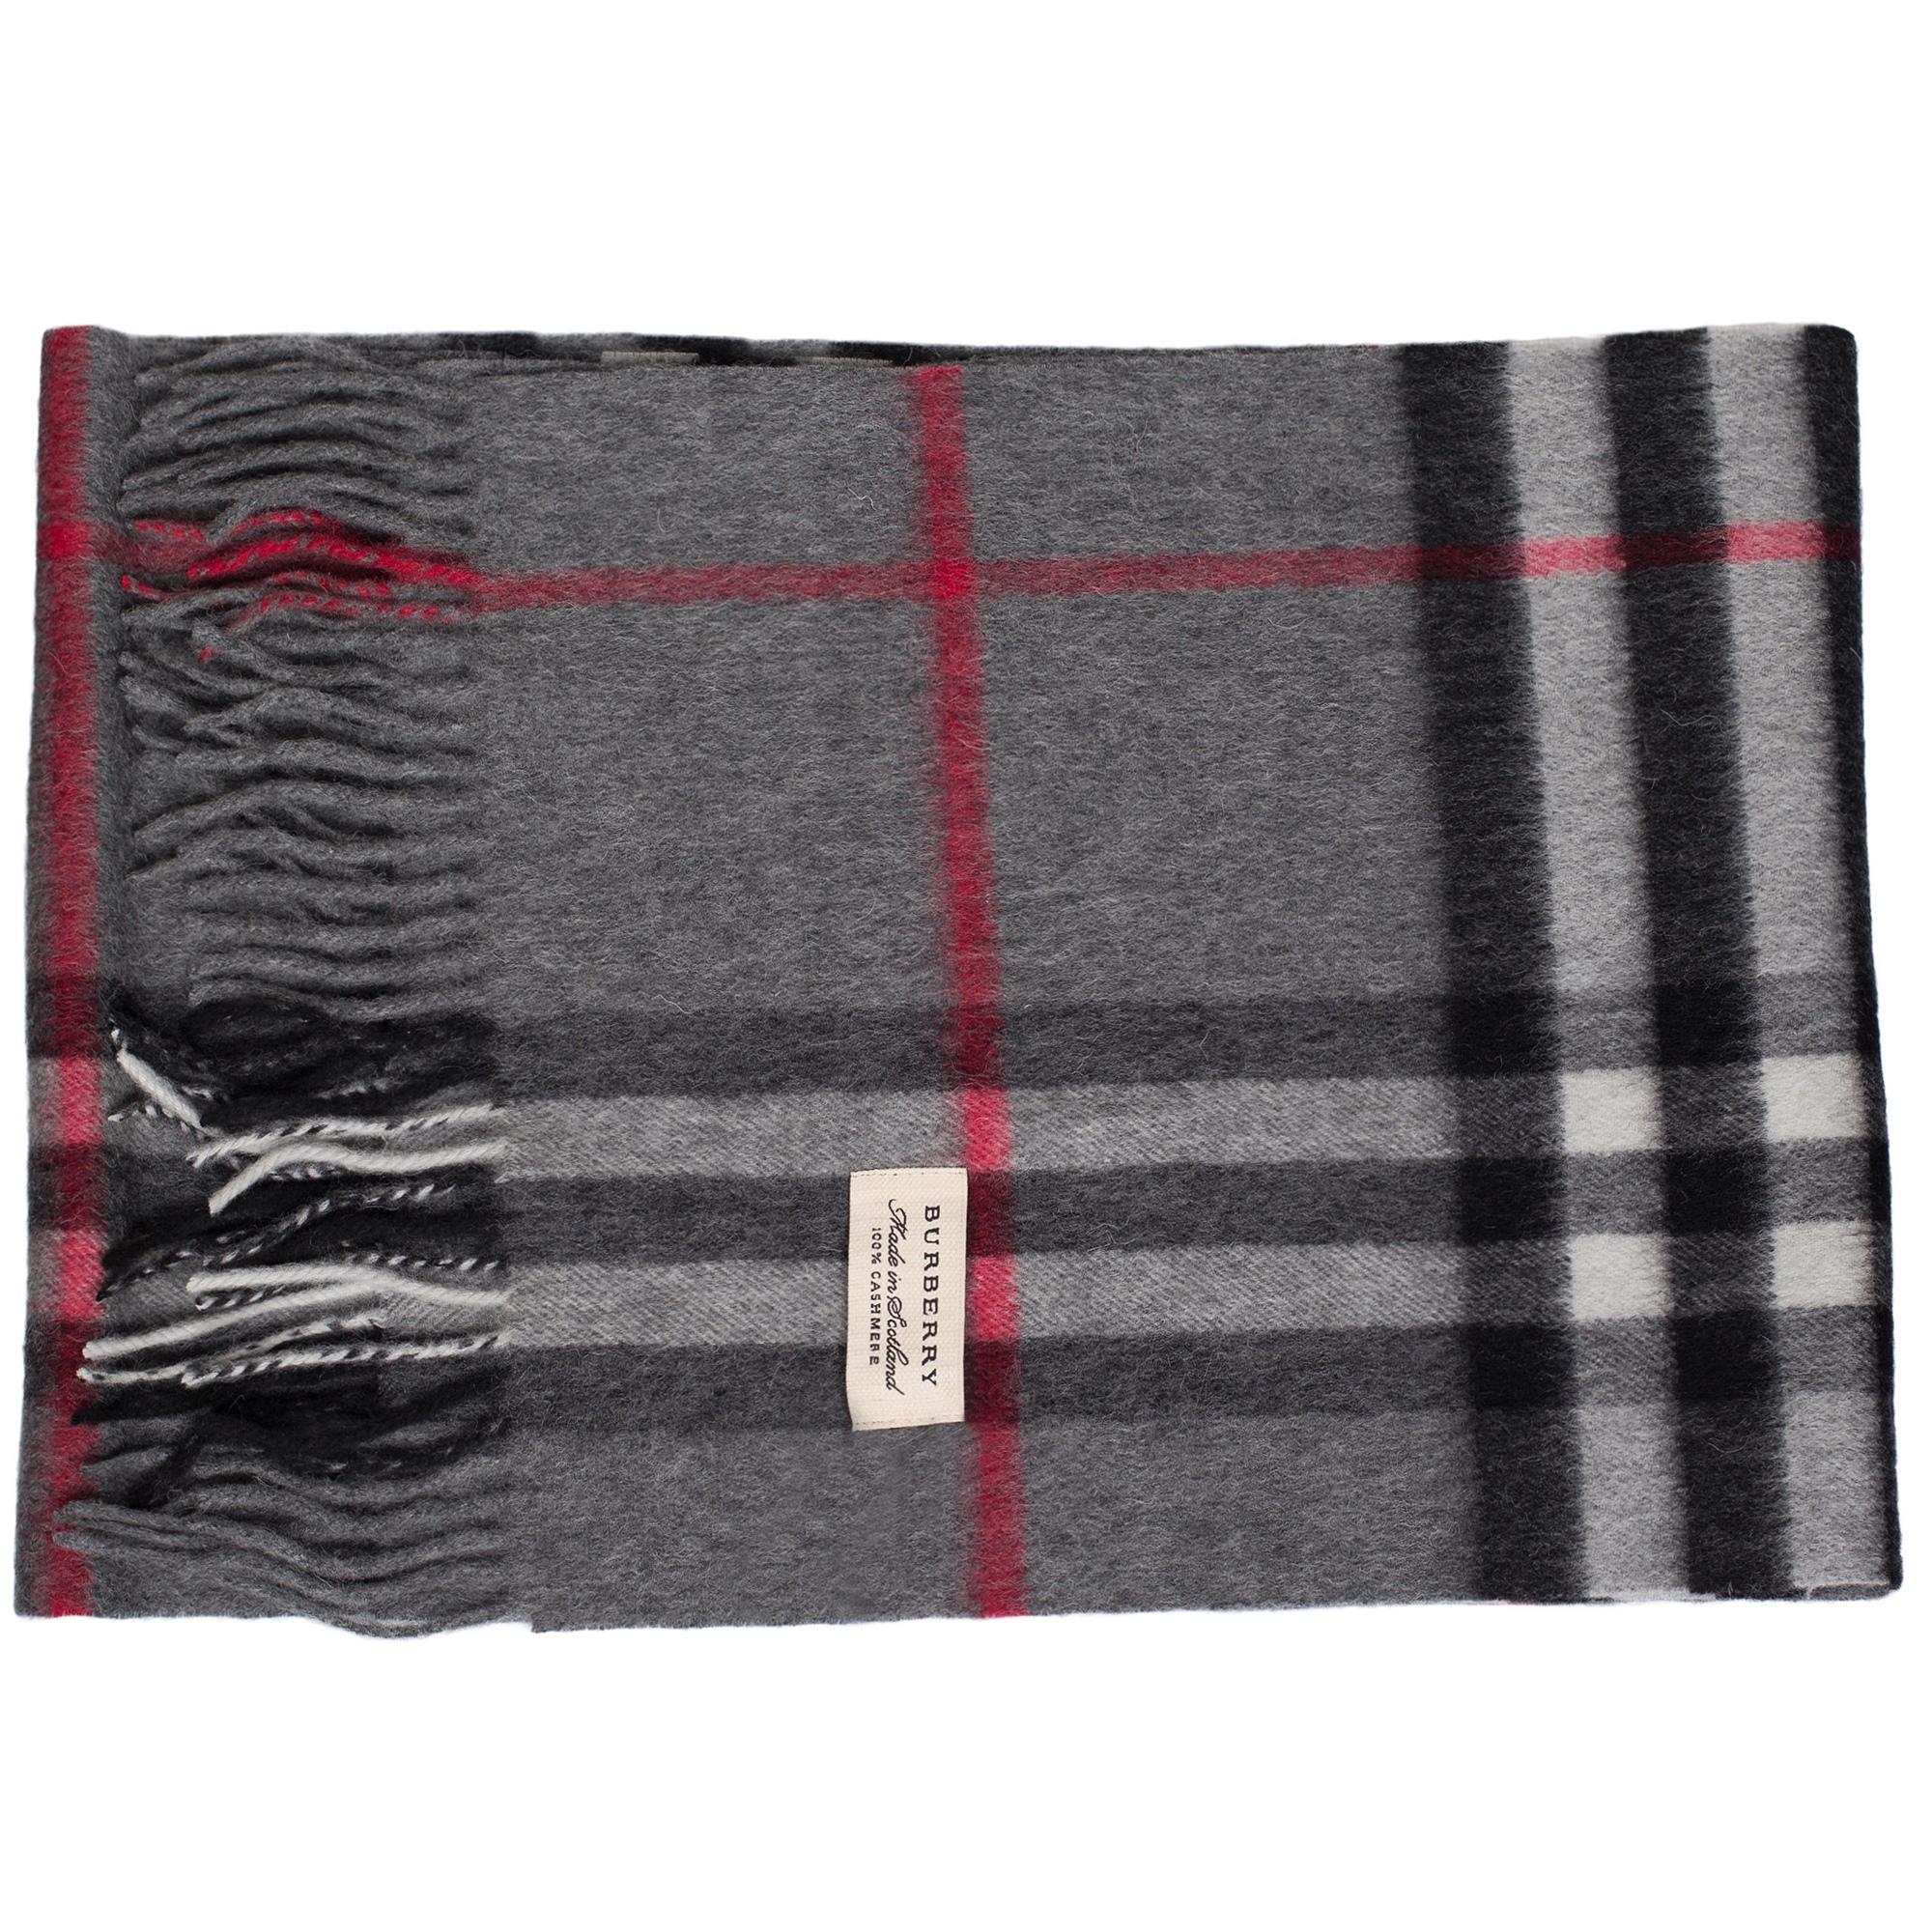 458c9d490178 Купить темный кашемировый шарф Burberry — в Киеве, код товара 7777